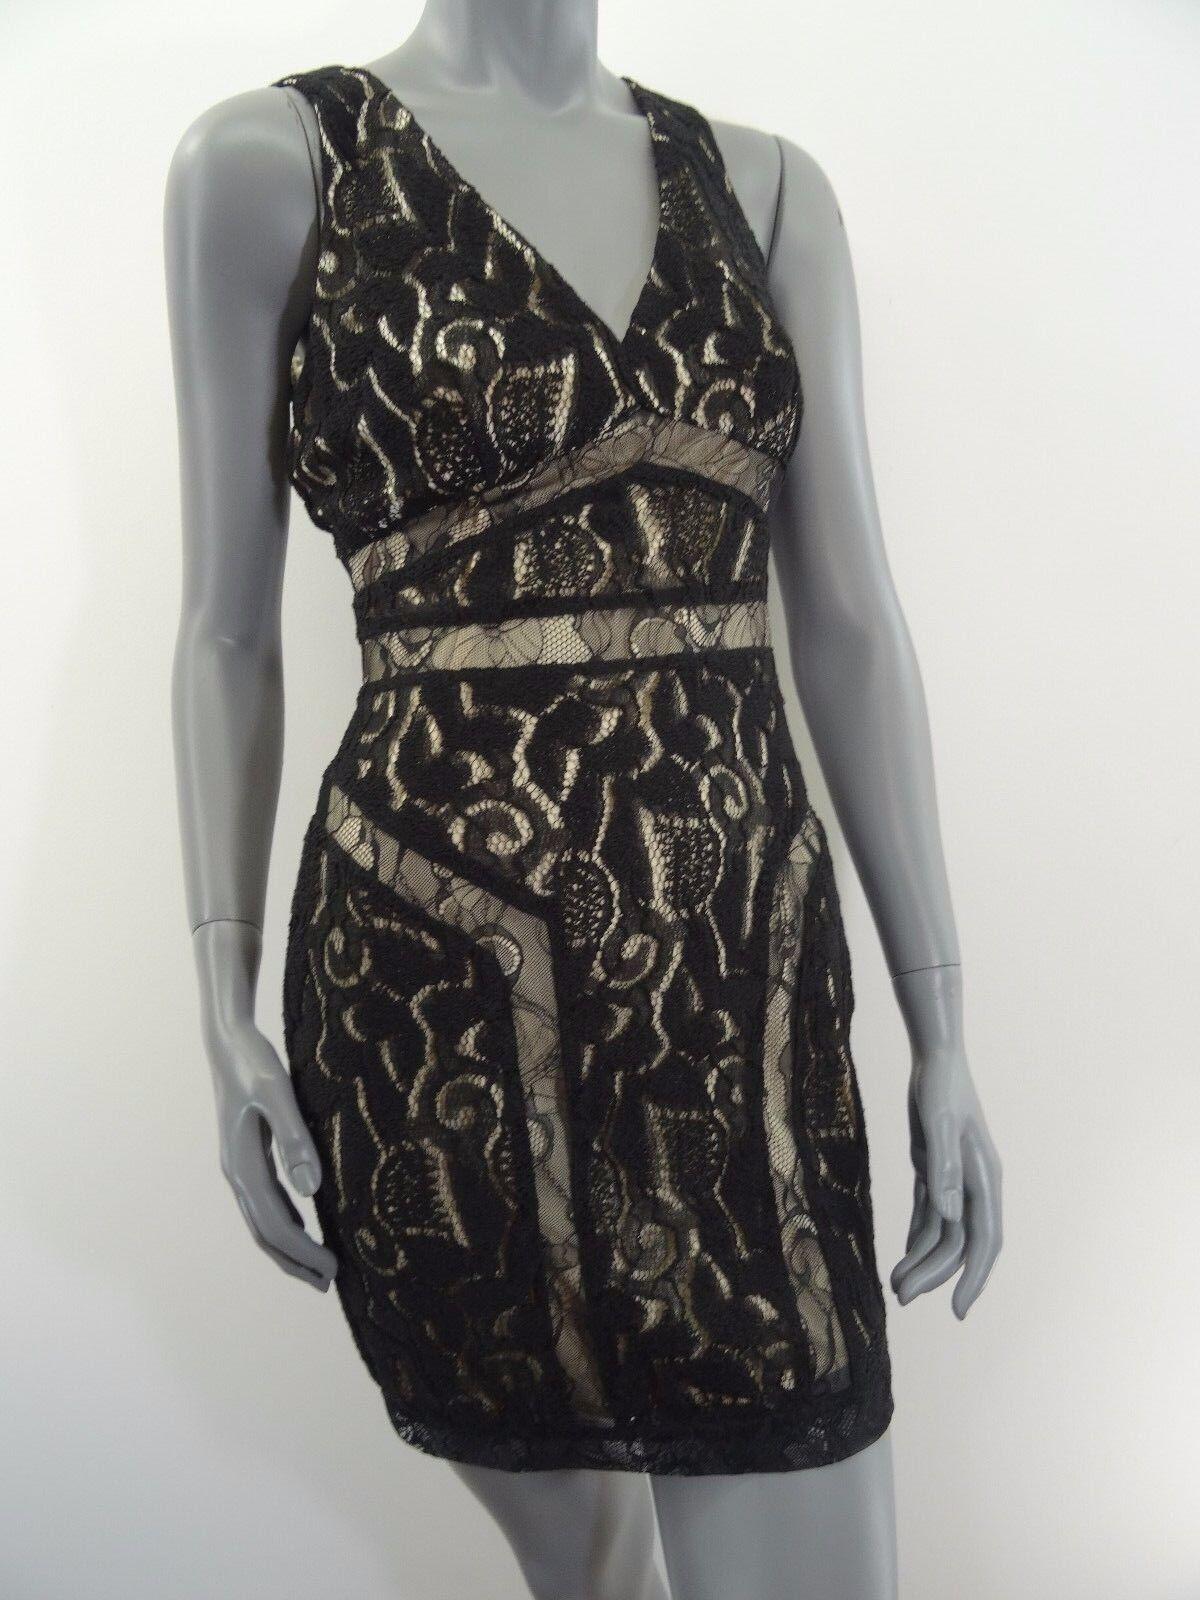 Bebe schwarz Lace Cocktail Dress Größe XS